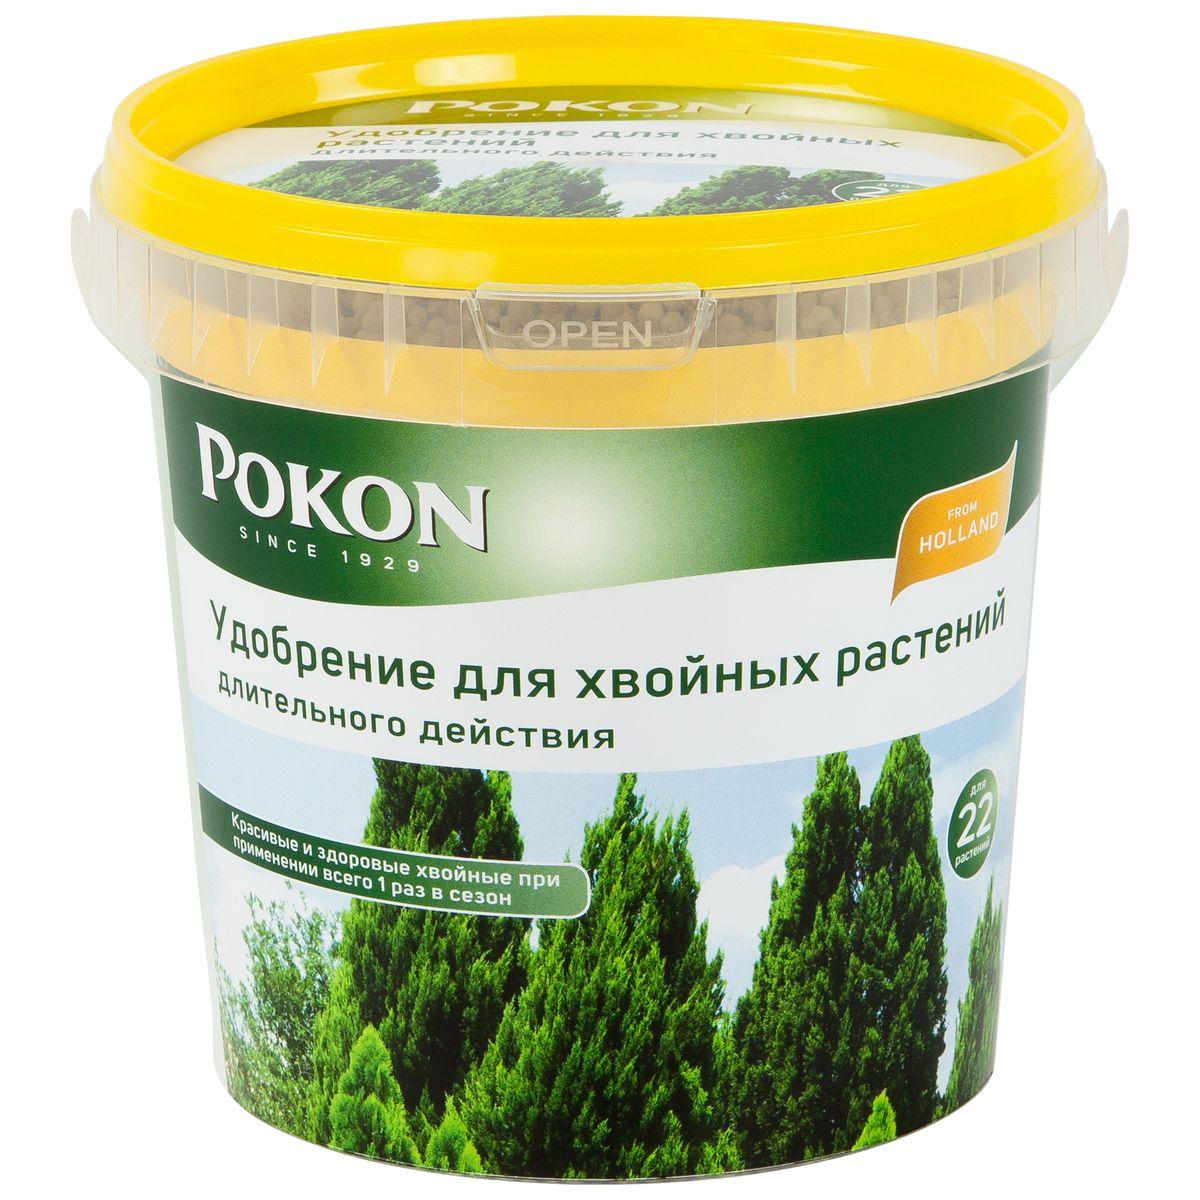 Удобрение Pokon, длительного действия, для хвойных, 900 г8711969016095В удобрении Pokon длительного действия содержится все необходимое для хвойных на целое лето. Достаточно внести это удобрение один раз, и затем питательные вещества будут постепенно высвобождаться и проникать в растения в течение сезона под воздействием дождей и солнца. Магниевая добавка придает хвое насыщенную зеленую окраску.Инструкция по применению:- Вносите удобрение 1 раз в год, желательно весной или при посадке растений.- Отмерьте нужное количество гранул (1 мерная ложечка на 1 растение или 1,5 мерной ложечки на 1 кв. м).- Равномерно насыпьте гранулы вокруг ствола.- Смешайте гранулы с верхним слоем грунта.- Полейте грунт, и удобрение немедленно начнет действовать.- Не используйте при температуре выше +25 градусов и под прямыми солнечными лучами.Состав:18% - общее содержание азота (N);4,6% - нитратный азот;2,6% - аммонийный азот;10,8% - мочевинный азот;6% - безводная фосфорная кислота (P2O5), растворимая в нейтральном цитрате аммония и воде;21% - водорастворимый оксид калия (K2O);2% - оксид магния (MgO);11,9% - трехокись серы (SO3);1% - железо (Fe);0,01% - бор (B);0,02% - медь (Cu);0,08% - марганец (Mn);0,001% - молибден (Mo);0,06% - цинк (Zn).Товар сертифицирован.